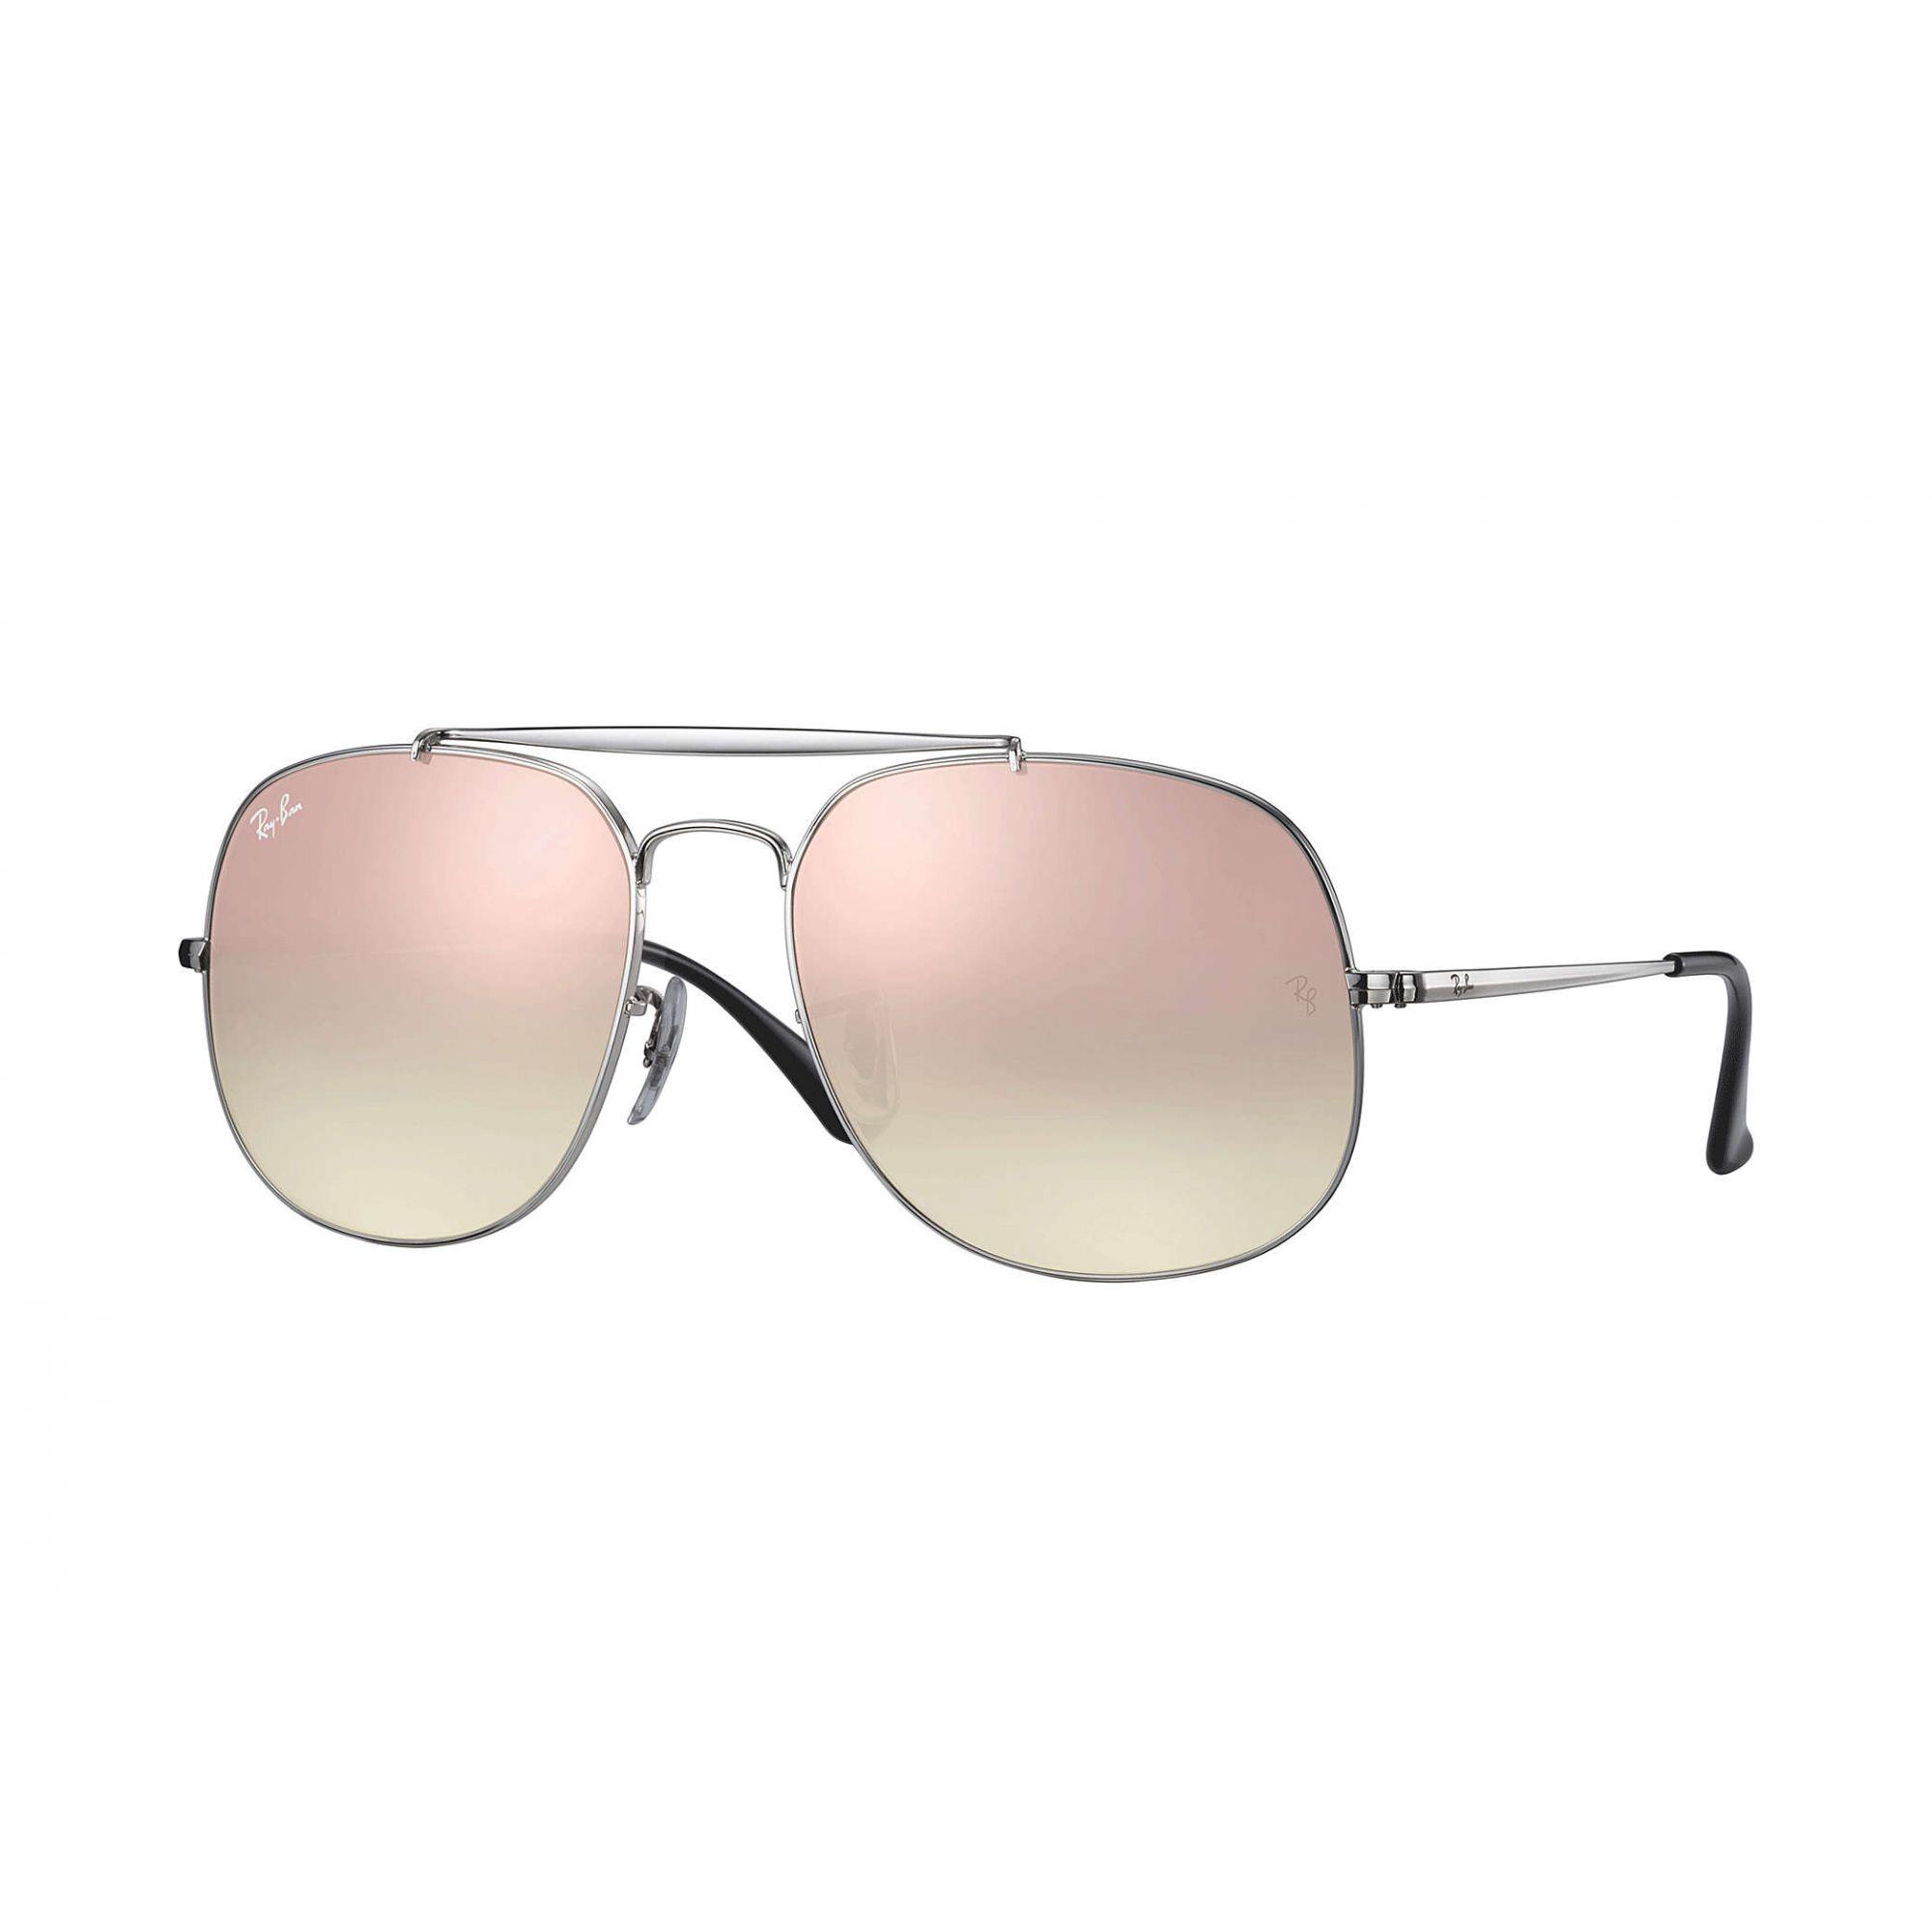 Ray Ban - RB3561 0037O57 - Óculos de sol